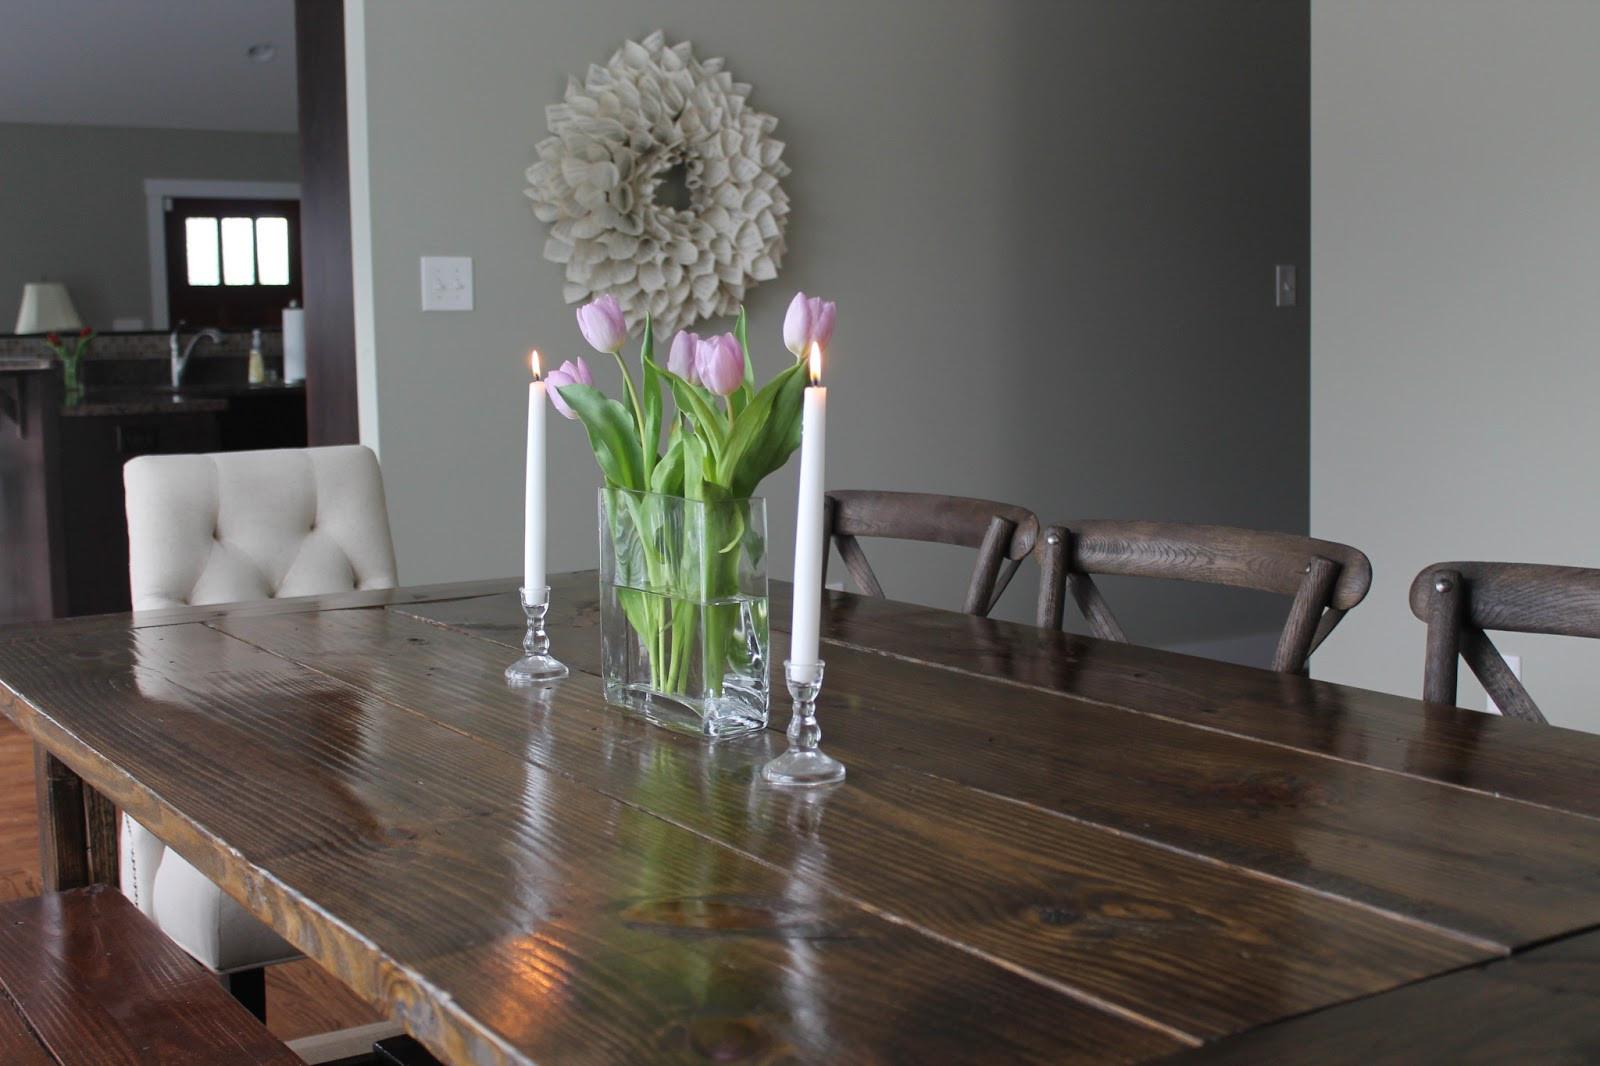 11 Recommended Rectangular Glass Flower Vases 2021 free download rectangular glass flower vases of 19 best of small rectangle glass vase bogekompresorturkiye com regarding rectangle glass vase beads